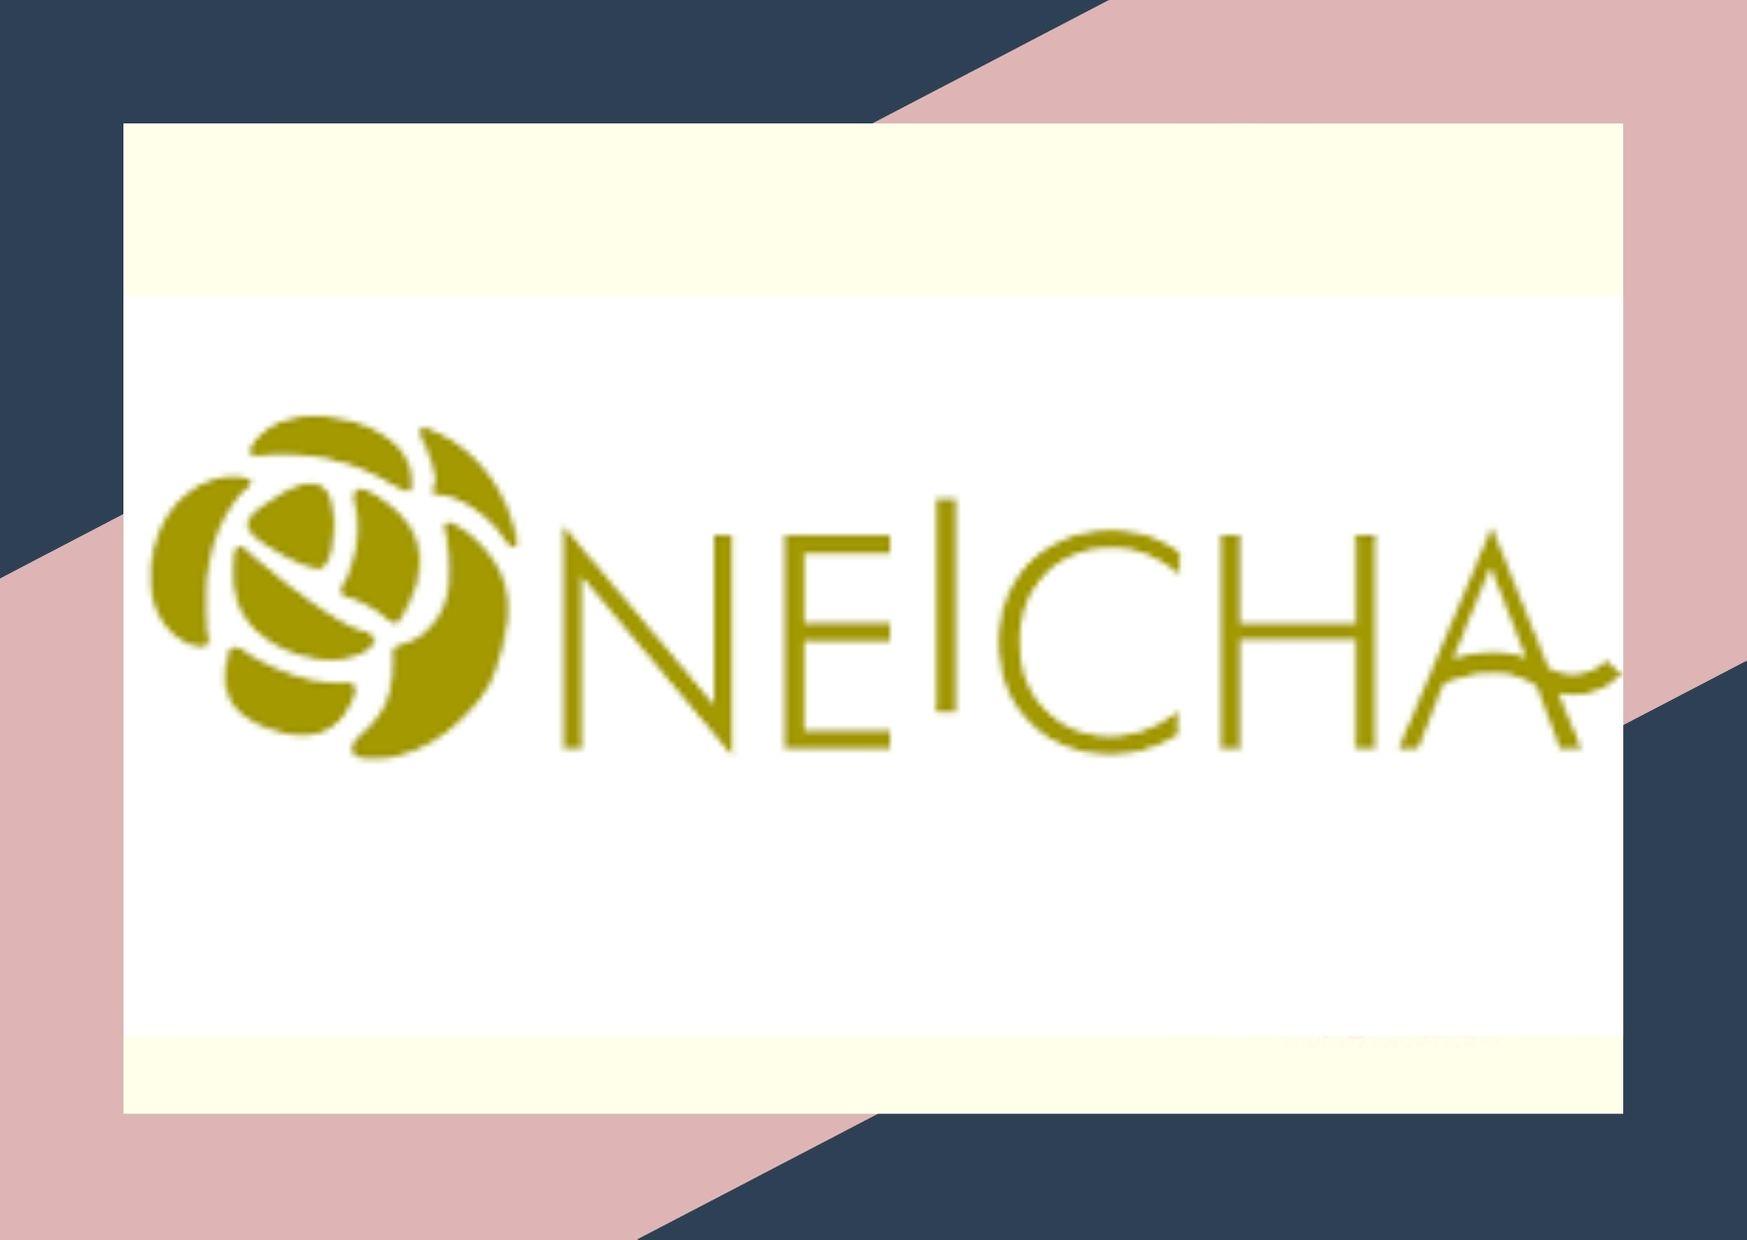 Neicha - инструменты и материалы для ламинирования ресничек